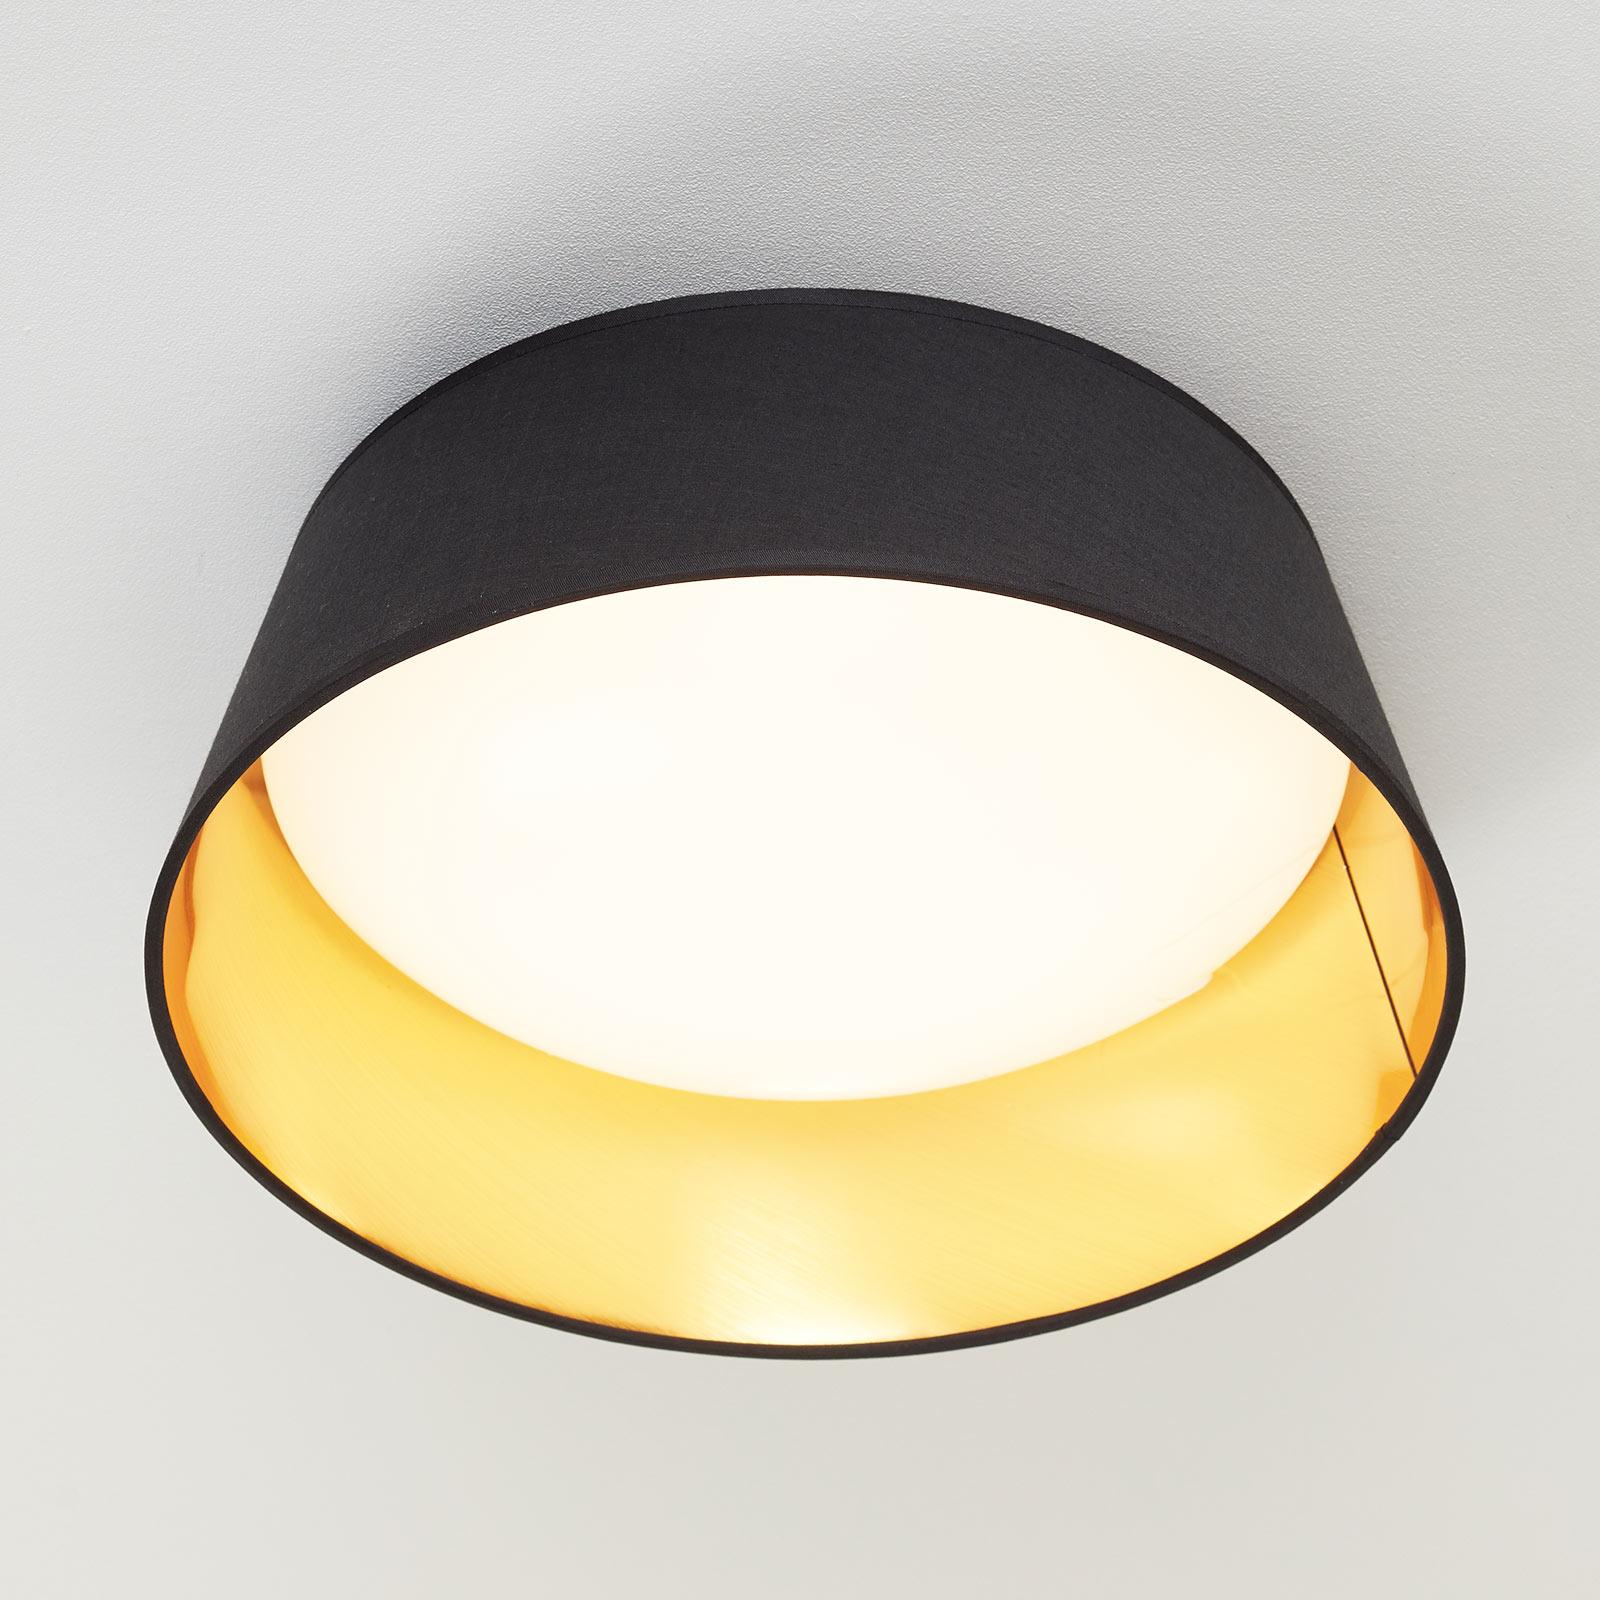 Musta-kulta tekstiilivarjostin Ponts LEDeillä